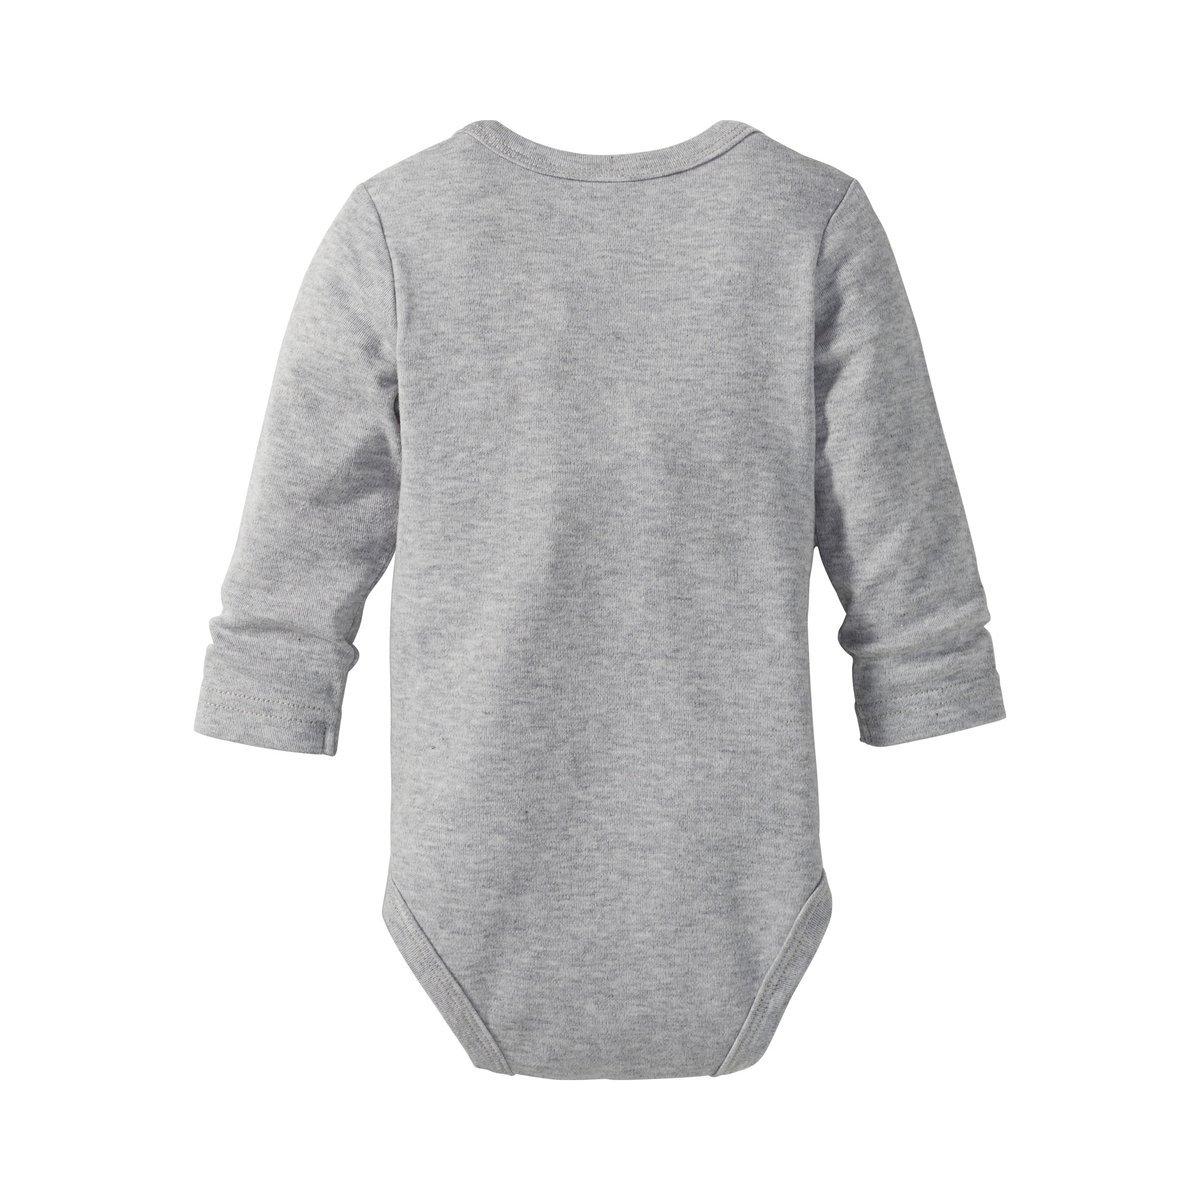 100/% Baumwolle//grau melange//wollwei/ß // Baby Kleidung 5er-Pack Bornino Body langarm